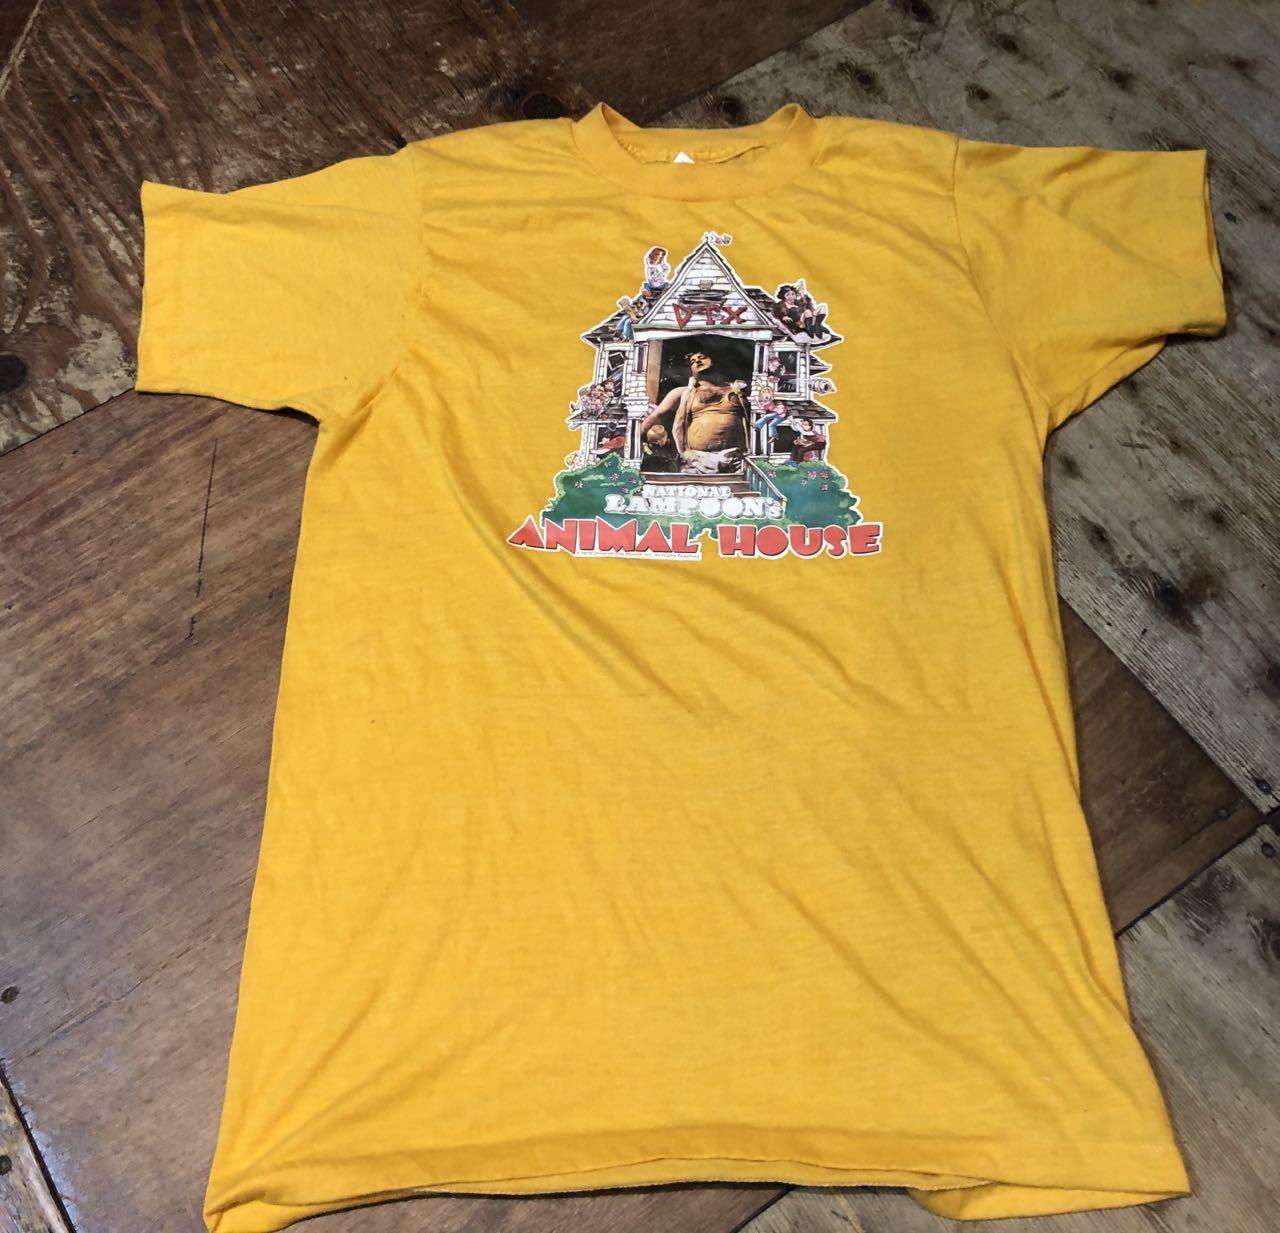 8月3日(月)入荷!70s 映画 アニマルハウス Tシャツ! ジョンベルーシ/映画T/movieTシャツ_c0144020_13232671.jpg